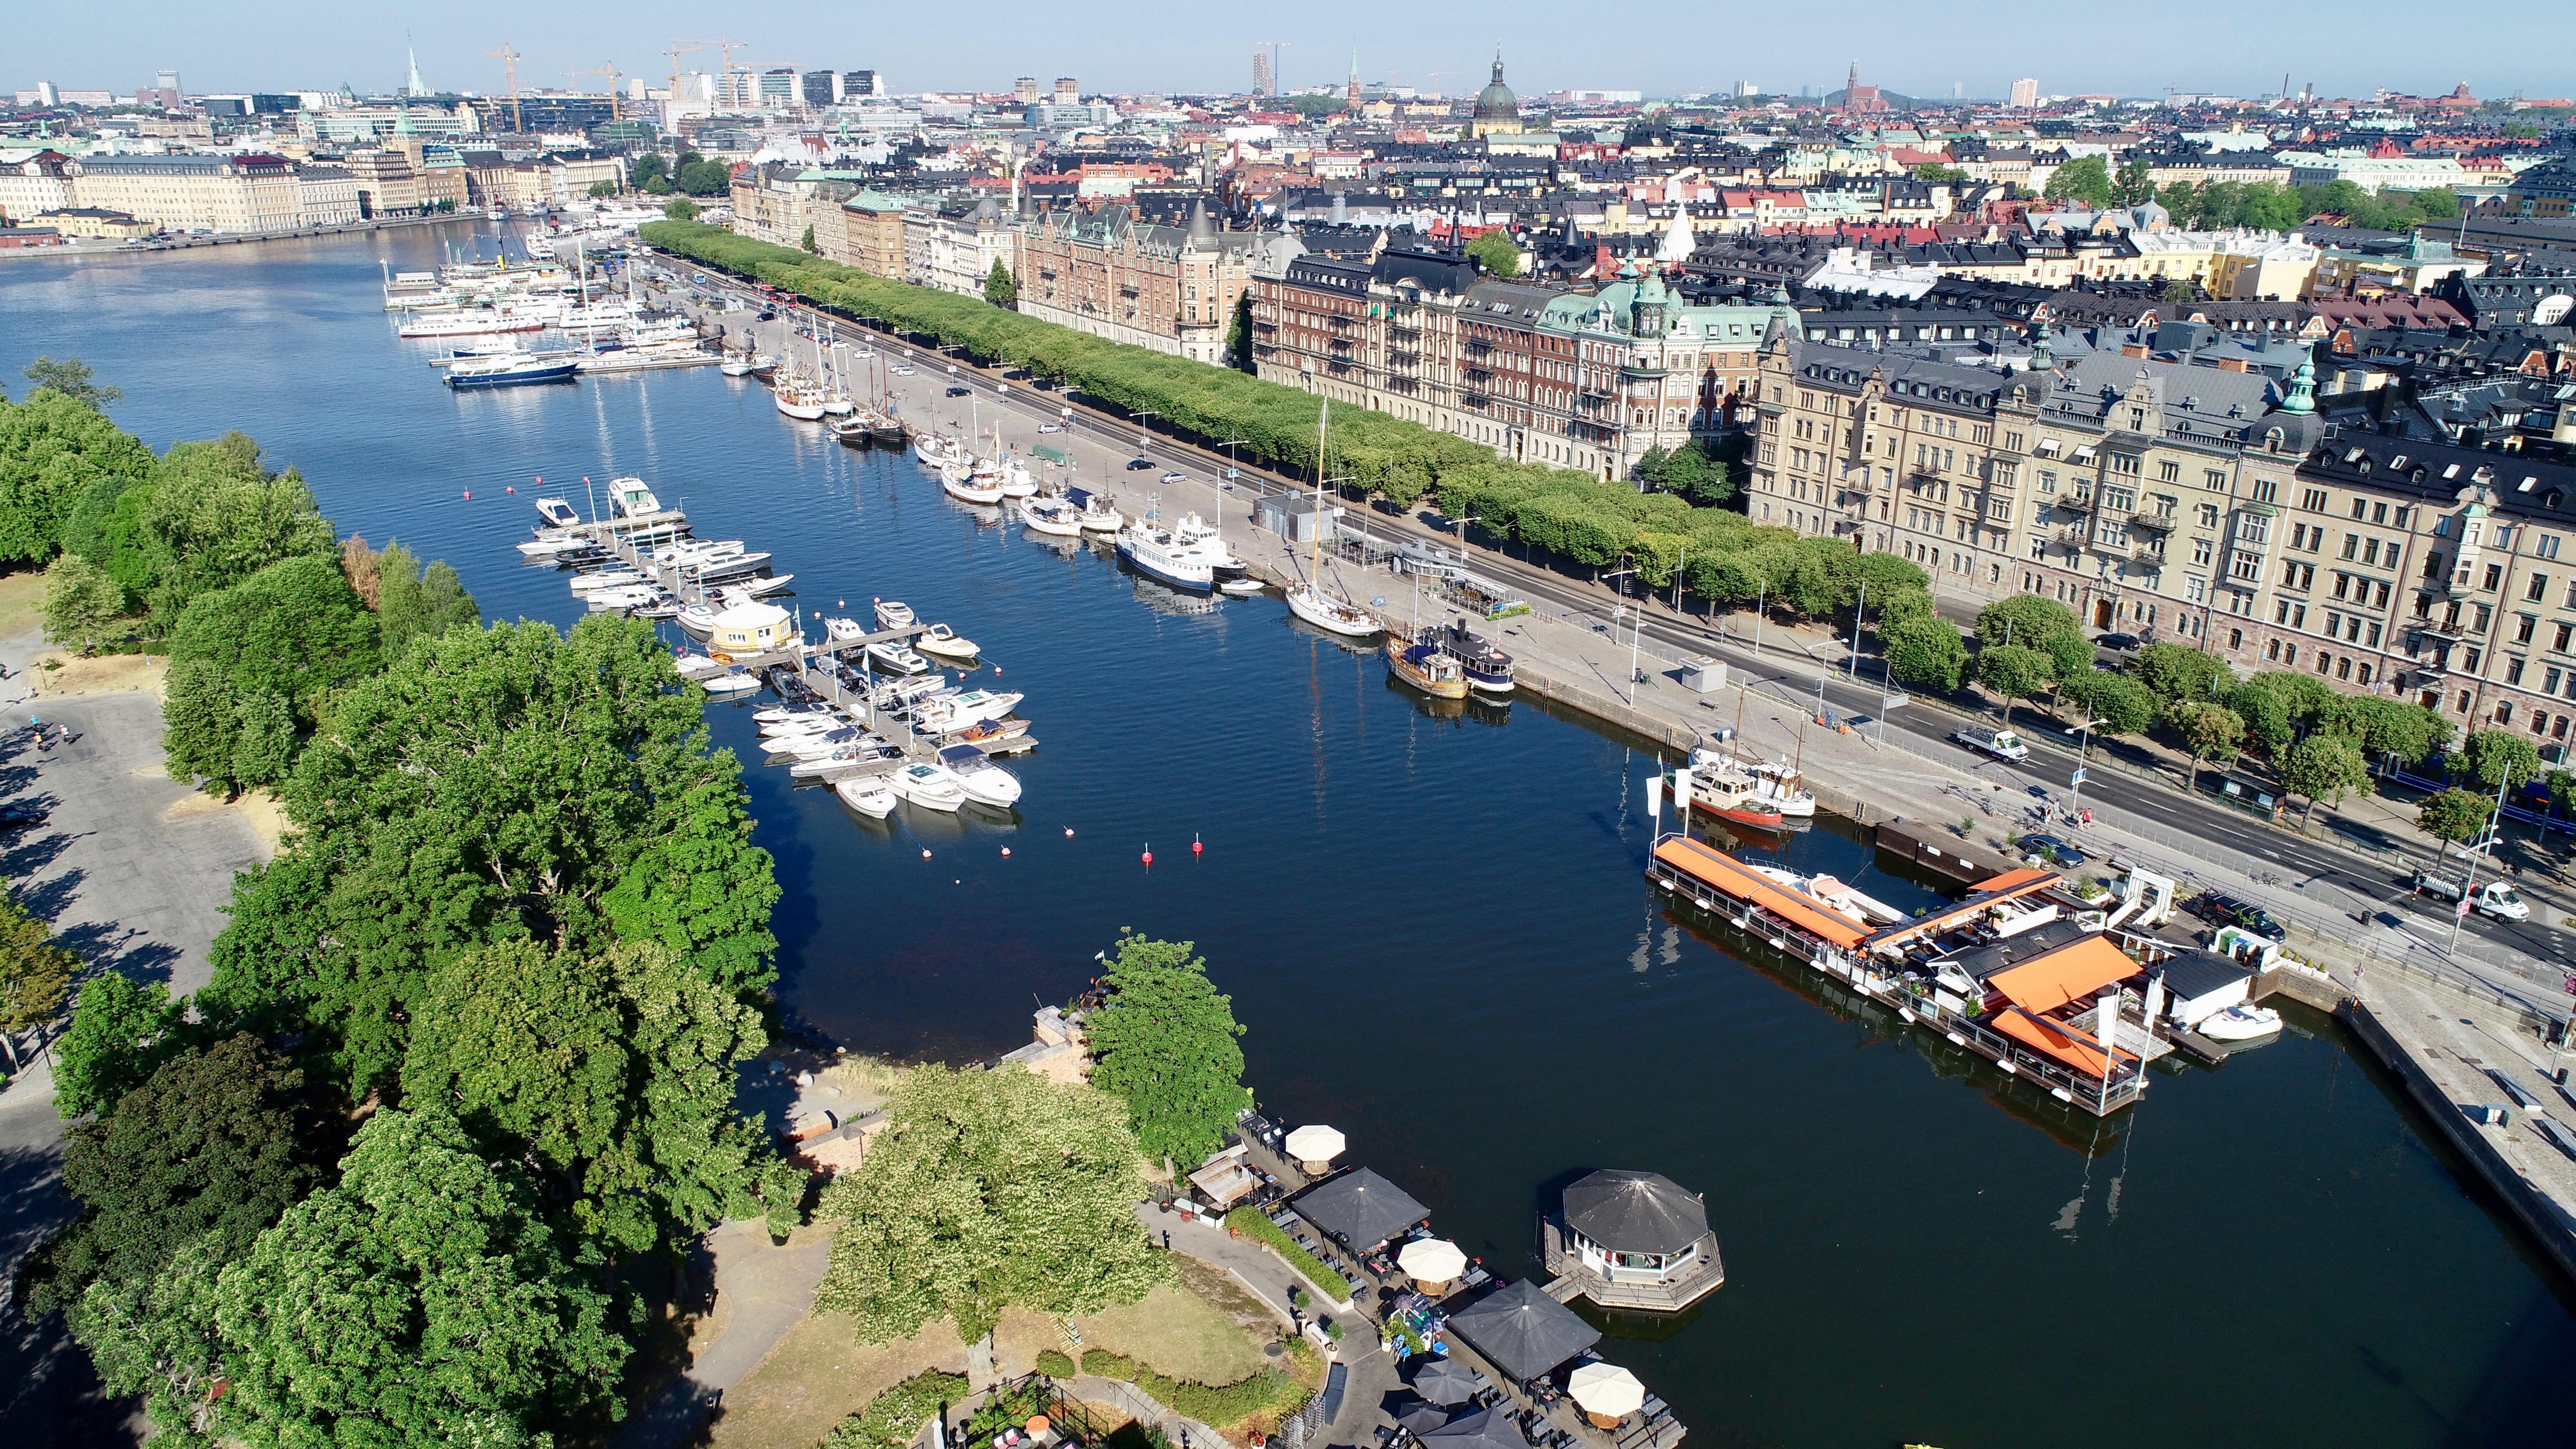 Strandvägen, Stockholm - Est. 1998 - @strandvagen - strandvagen.com